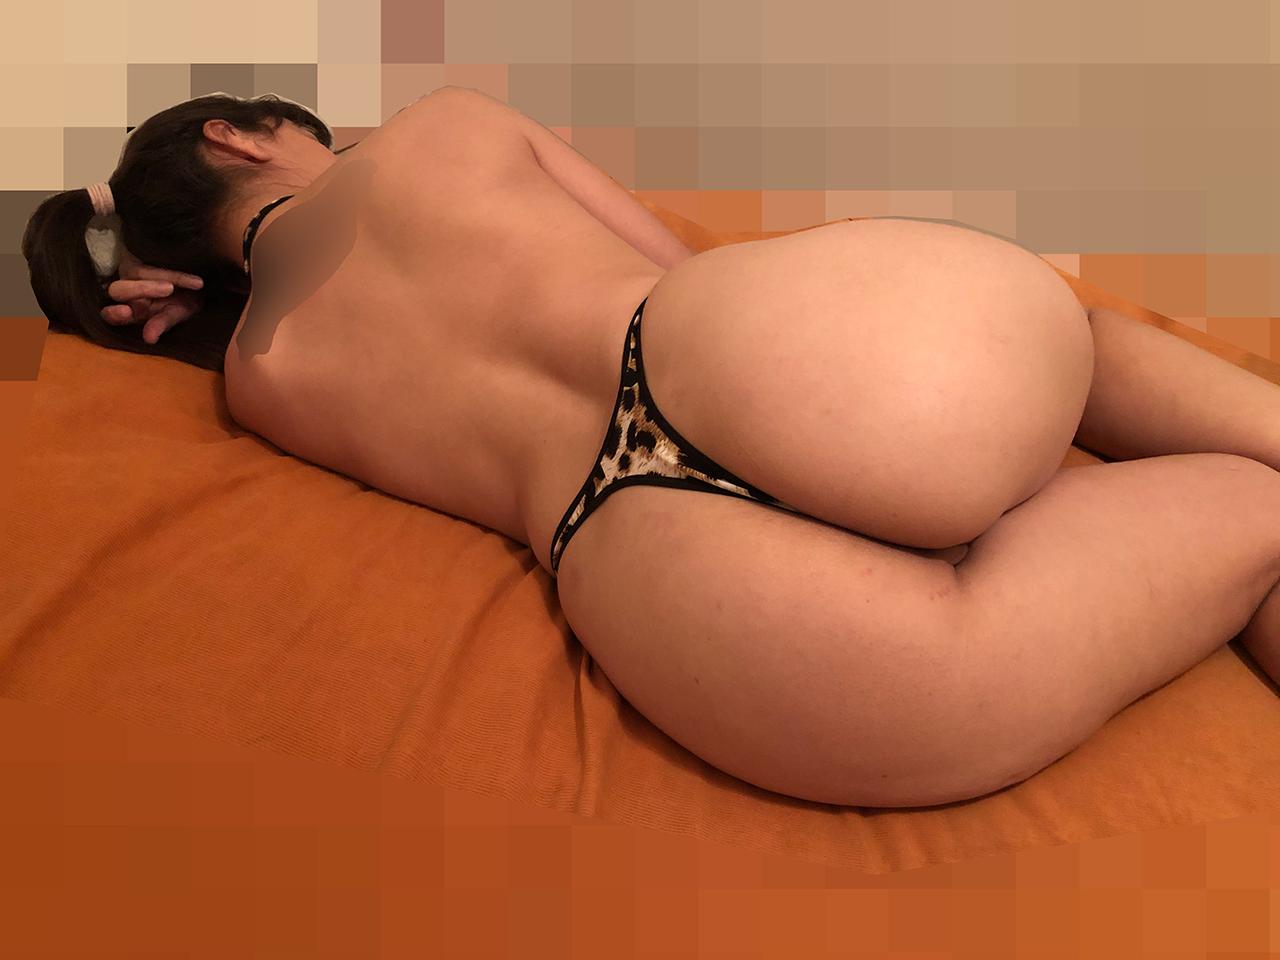 fotos esposas xxx, esposas putas, fotos de putas, porno casero